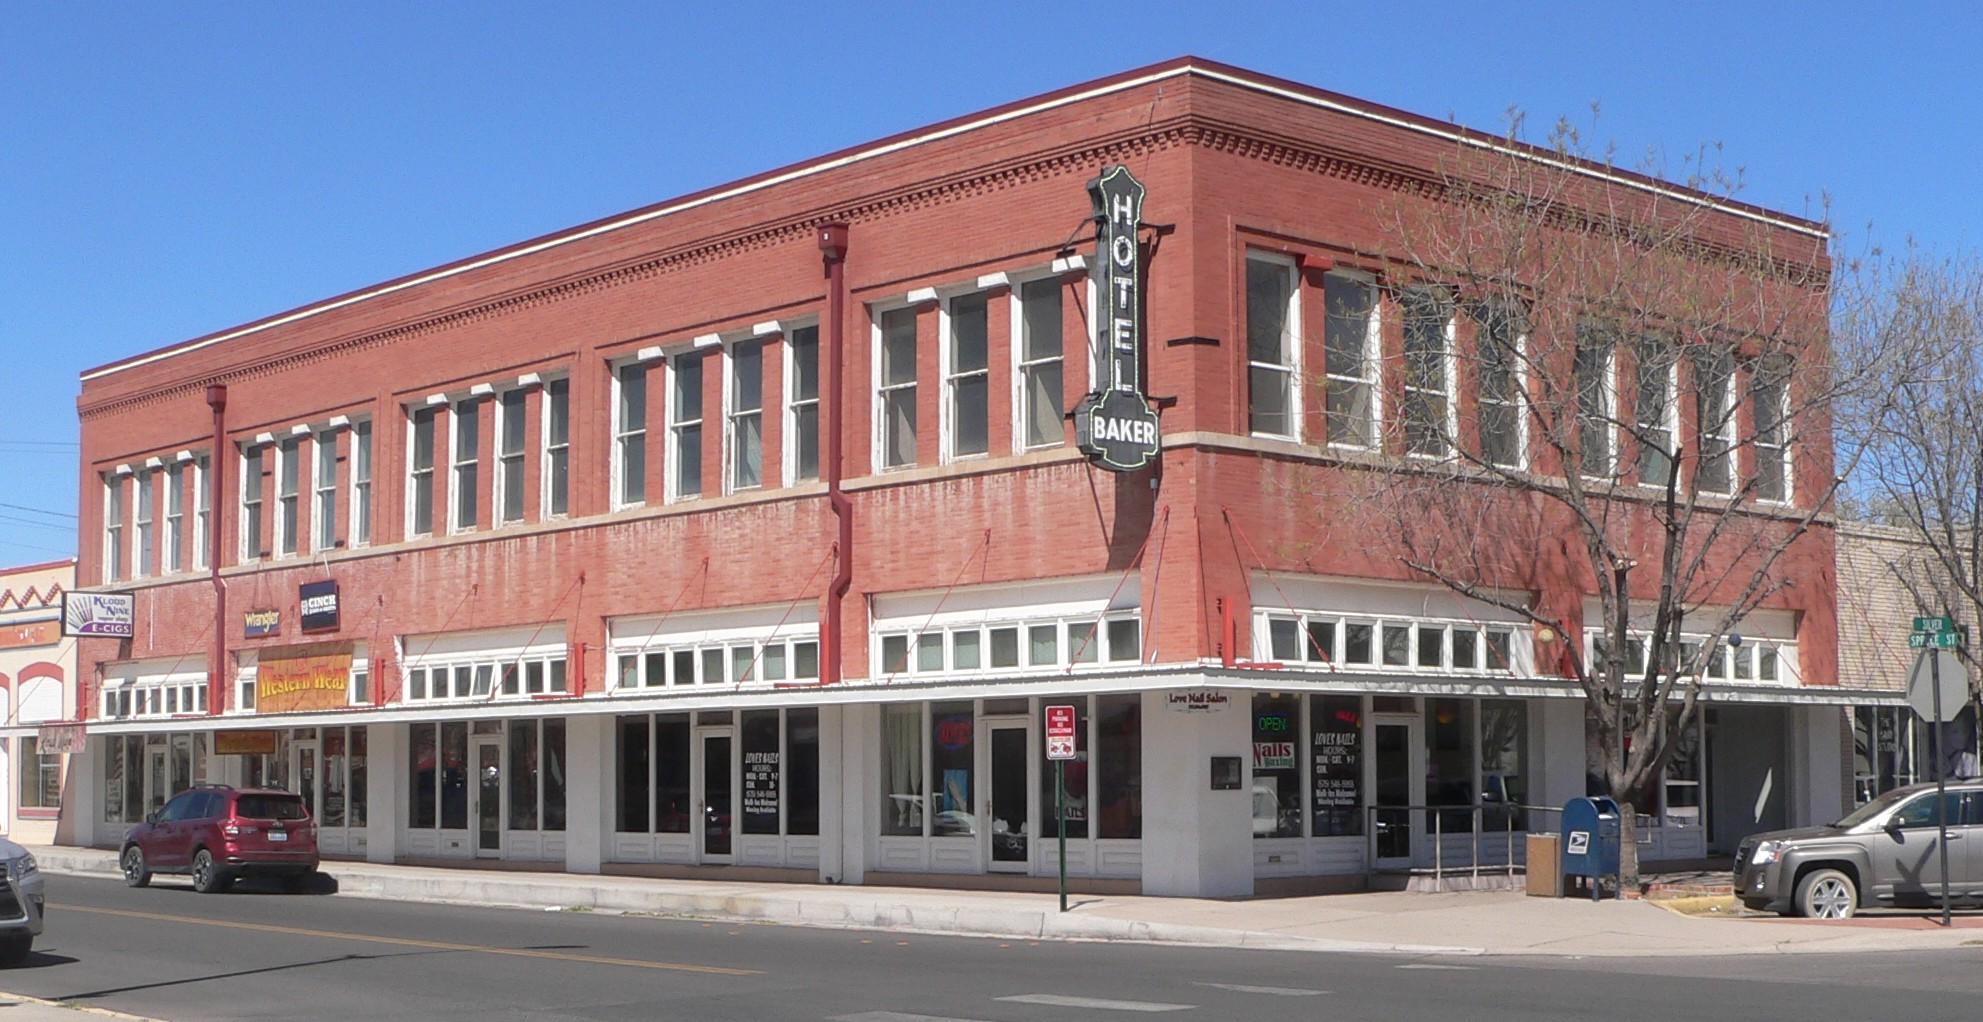 File Deming New Mexico Baker Hotel Bldg From Se 1 Jpg